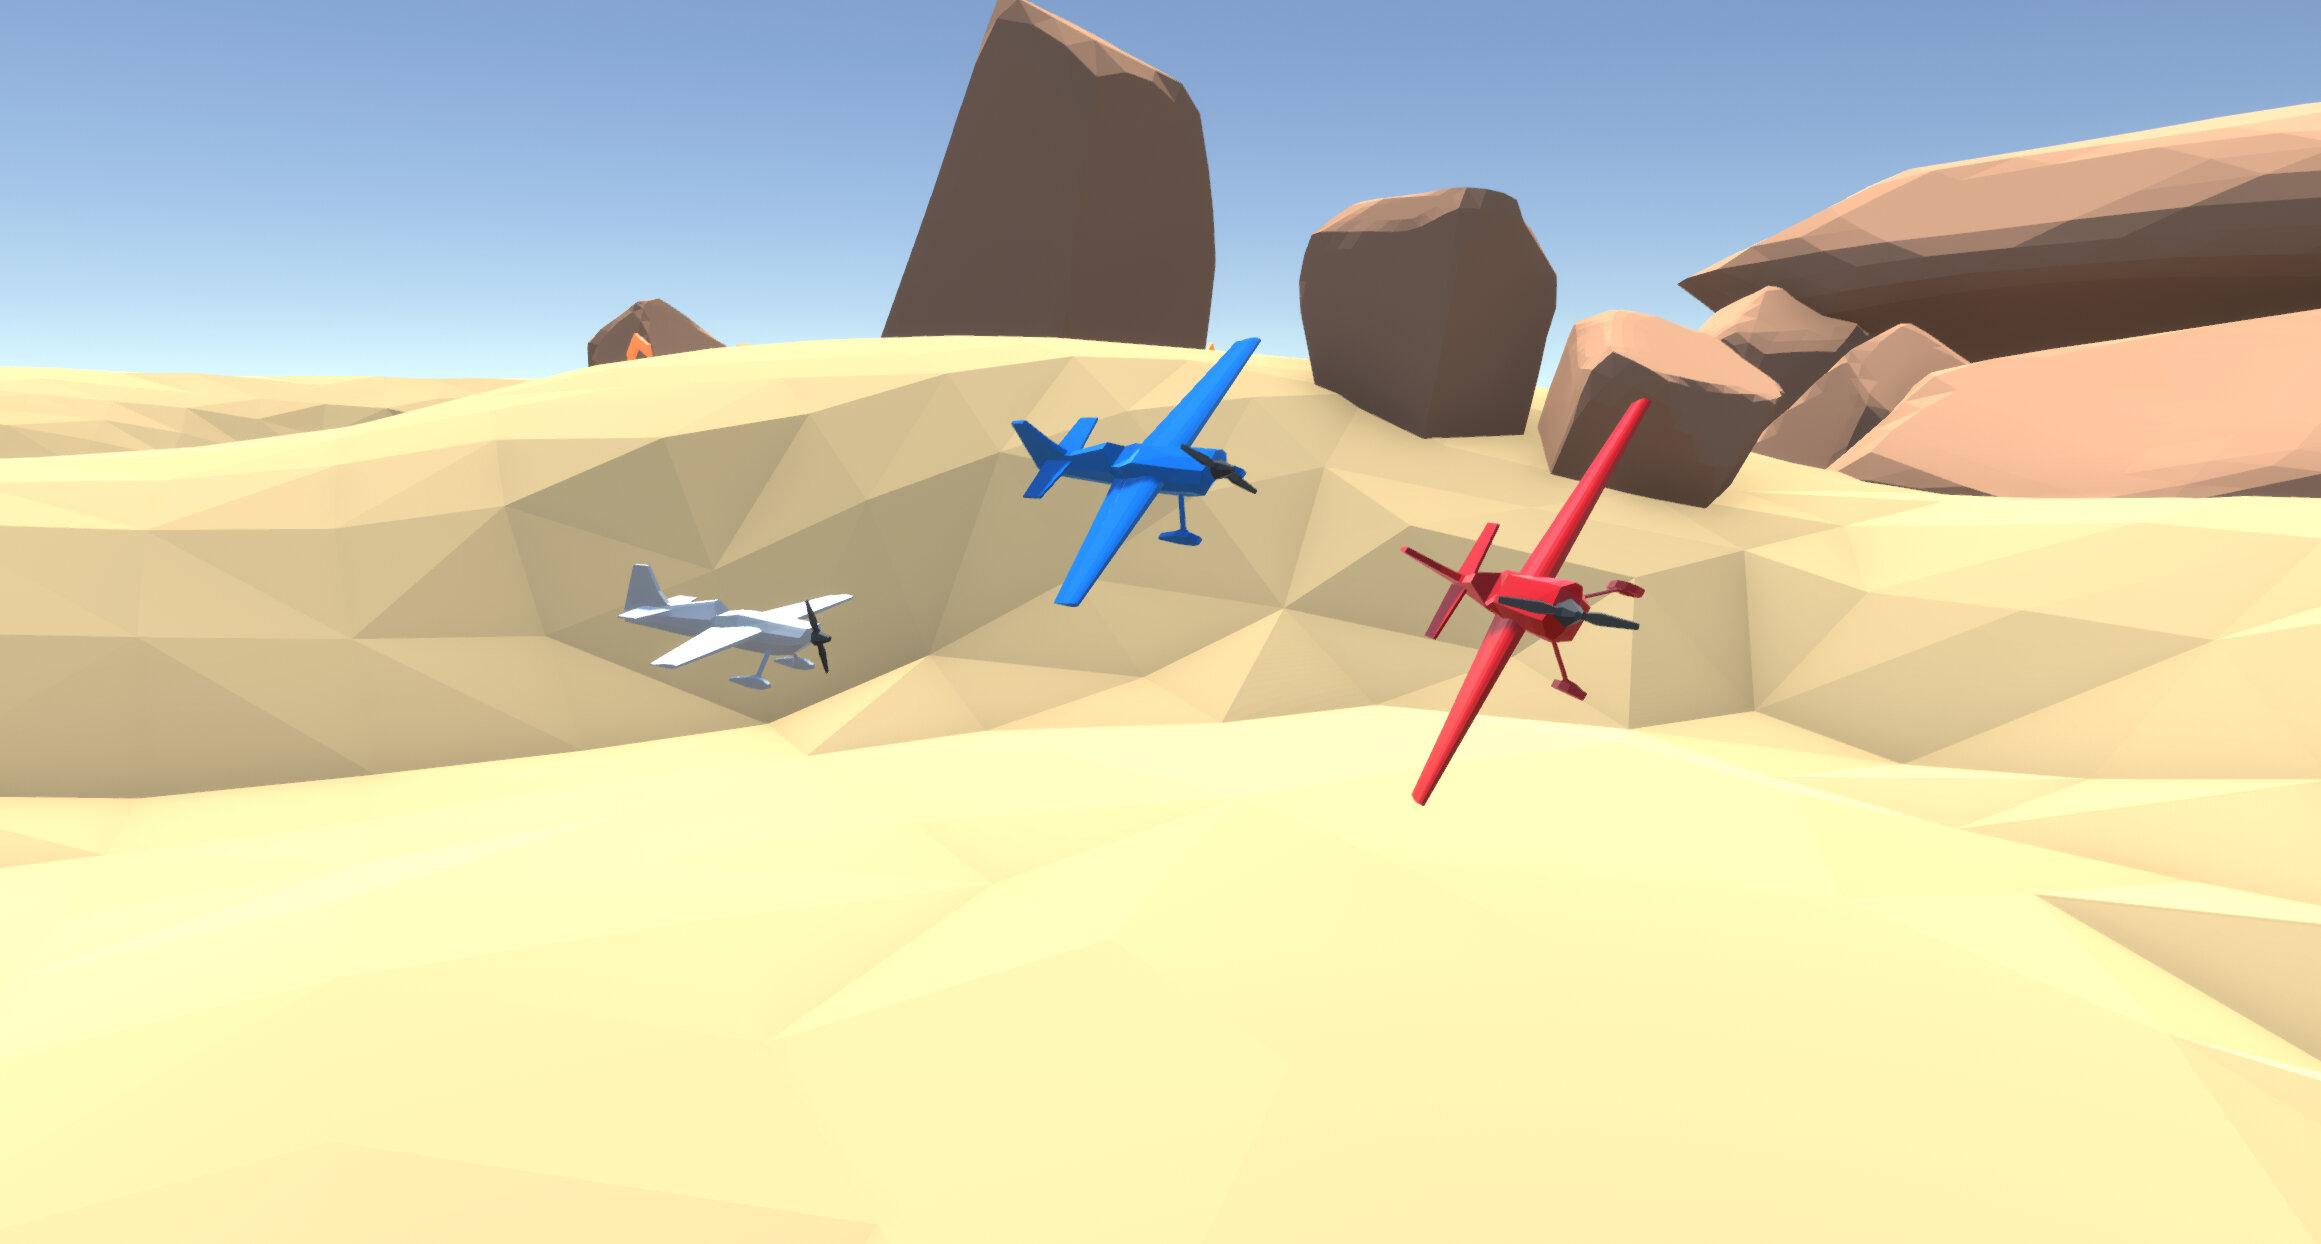 ai_planes_flying.jpg